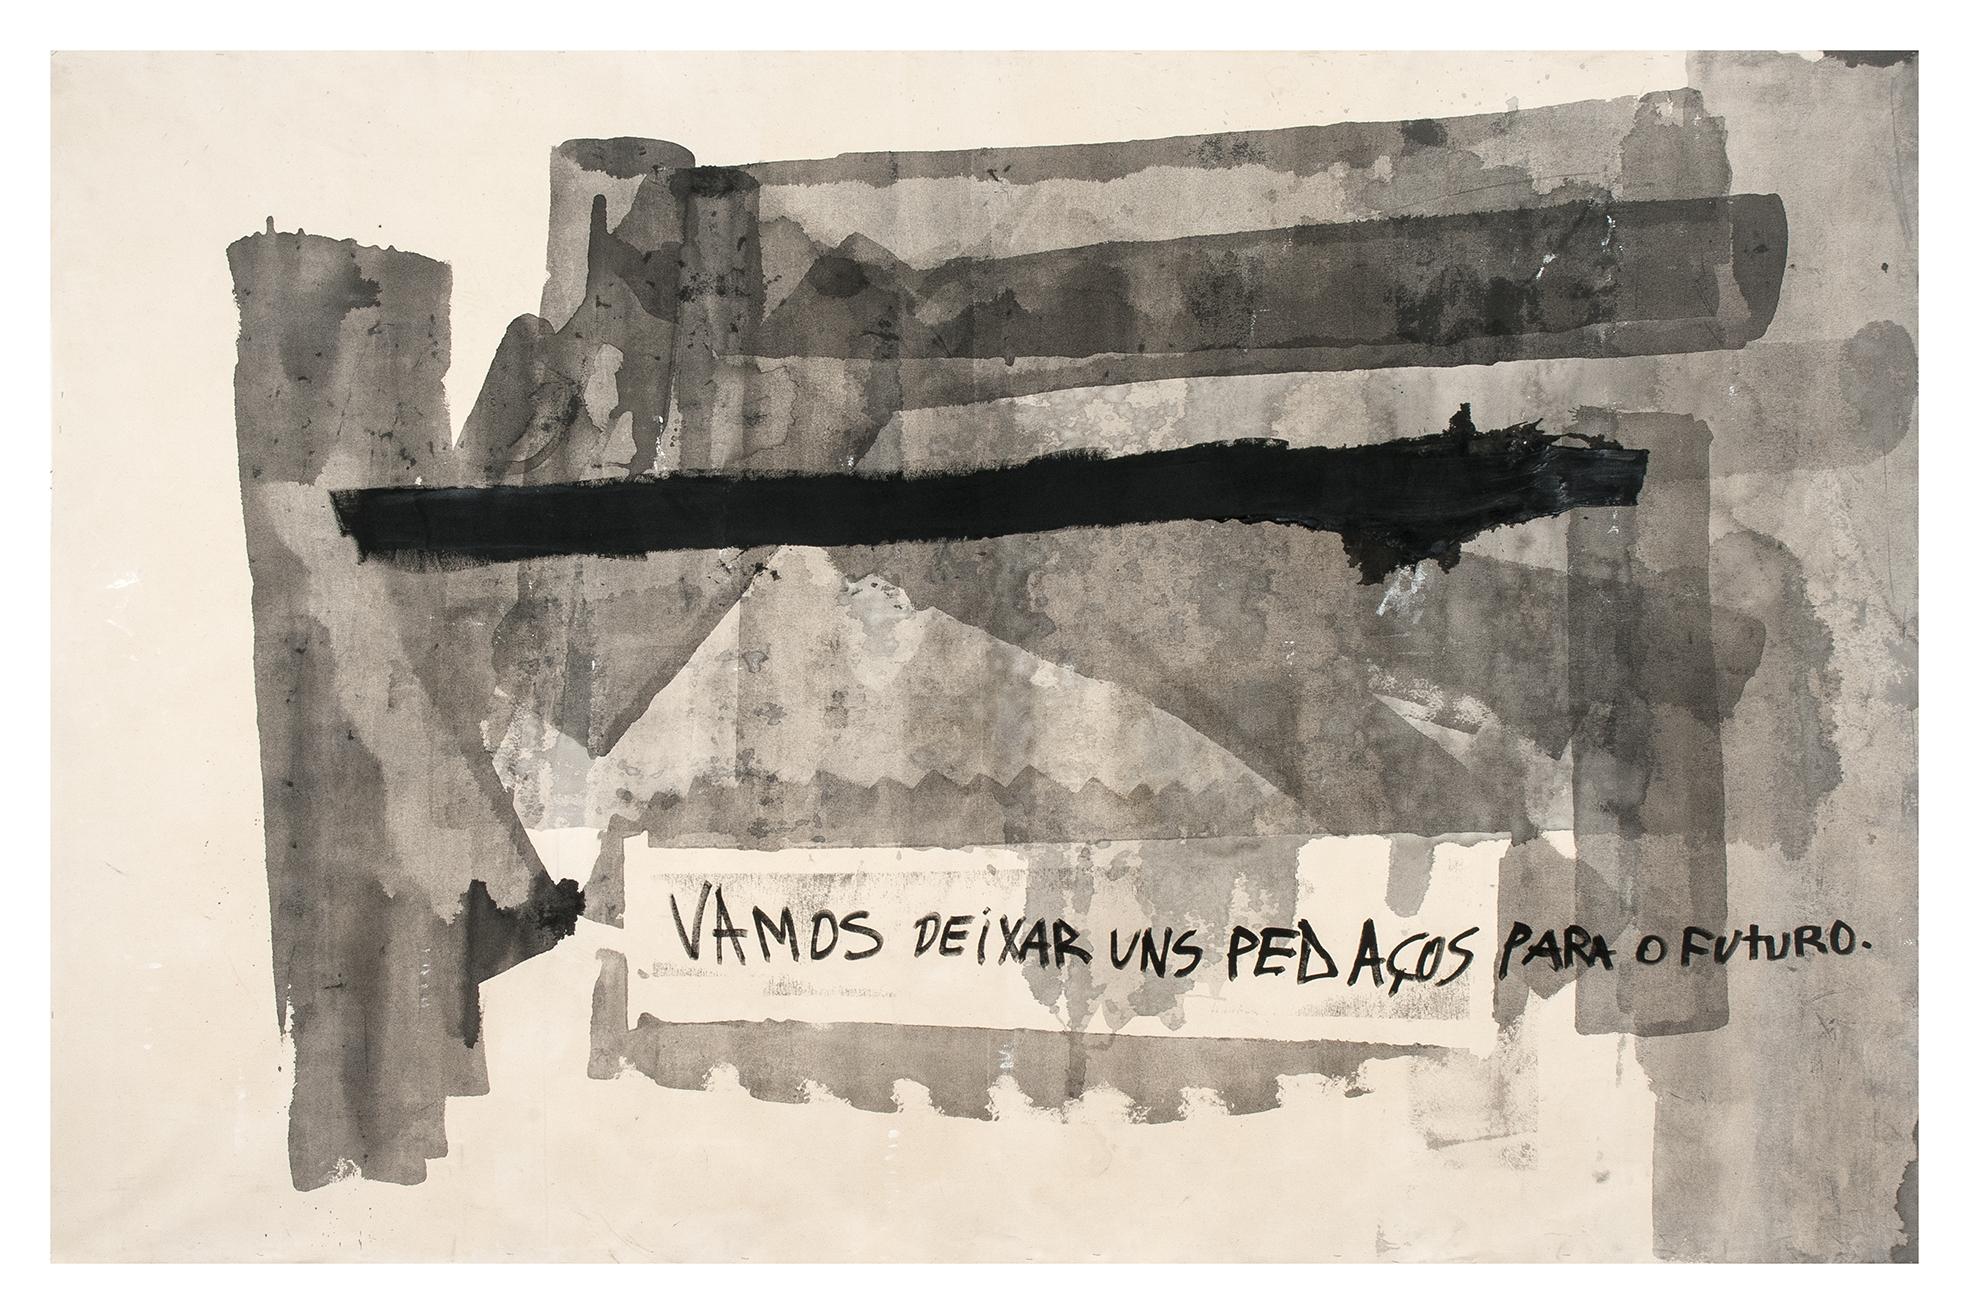 pedacos-futuro_01